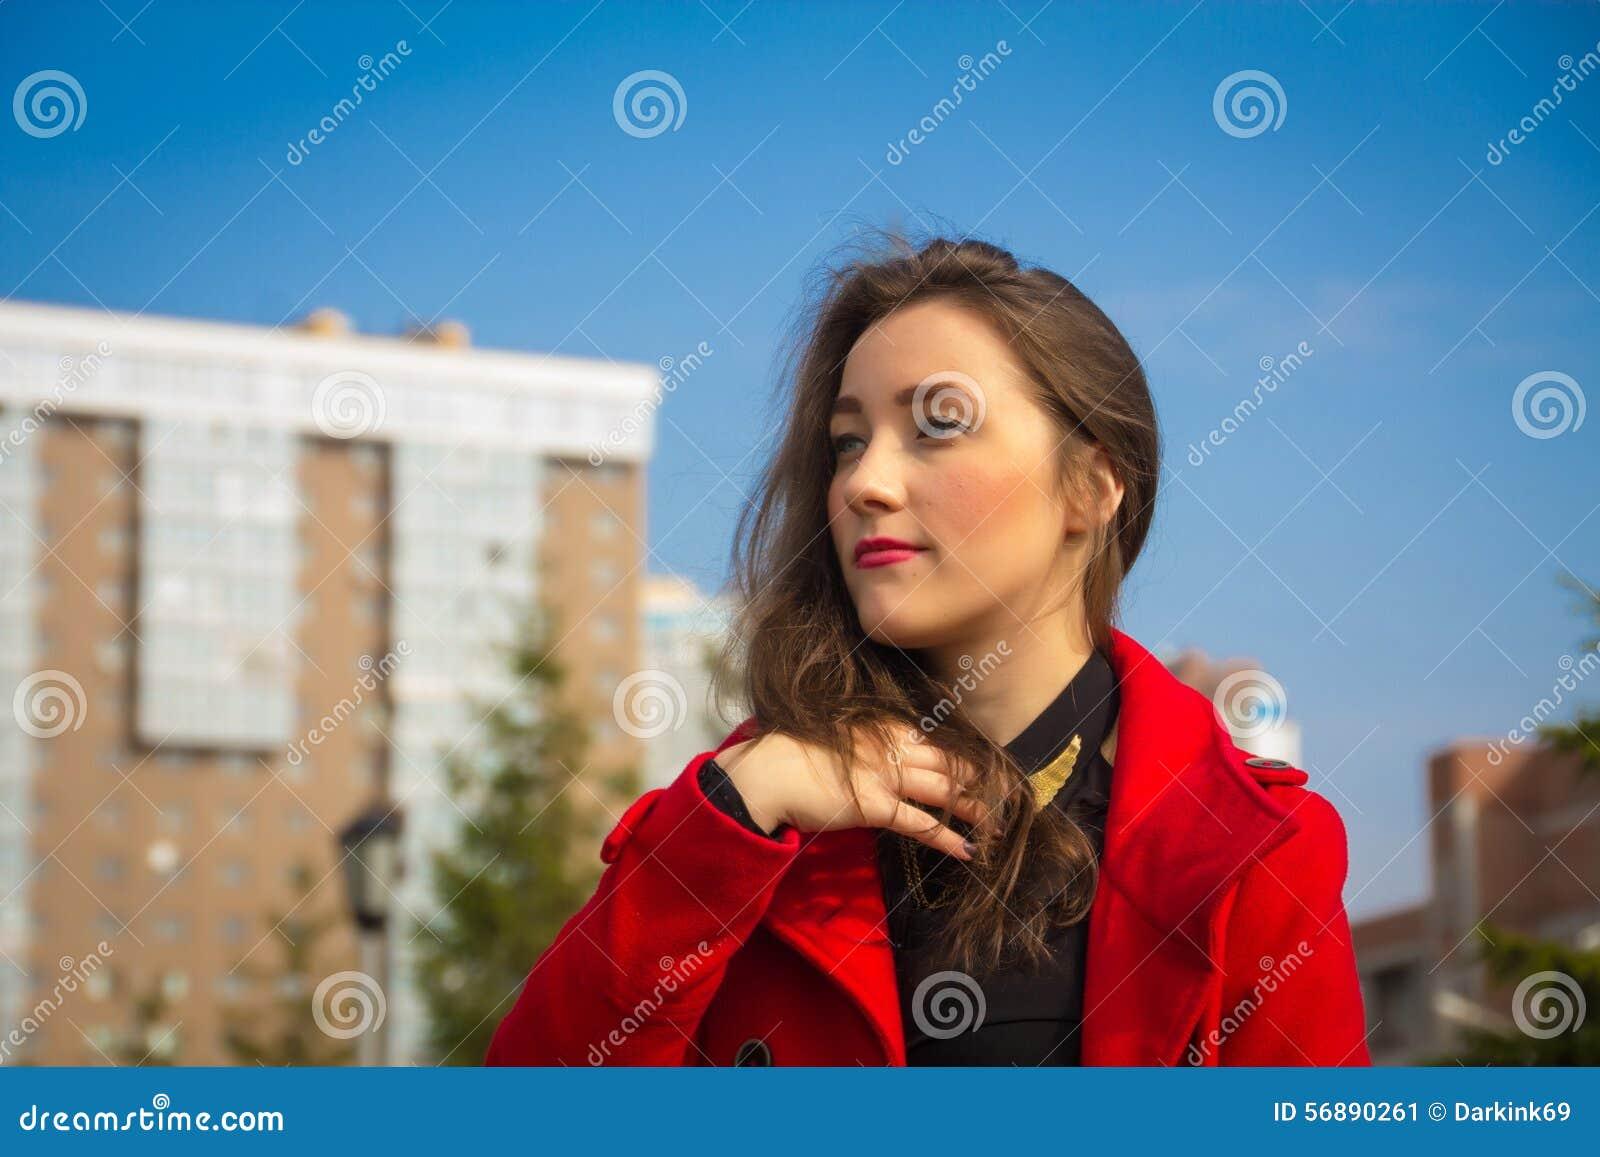 Piękna dziewczyna w czerwonym żakiecie na tle domy